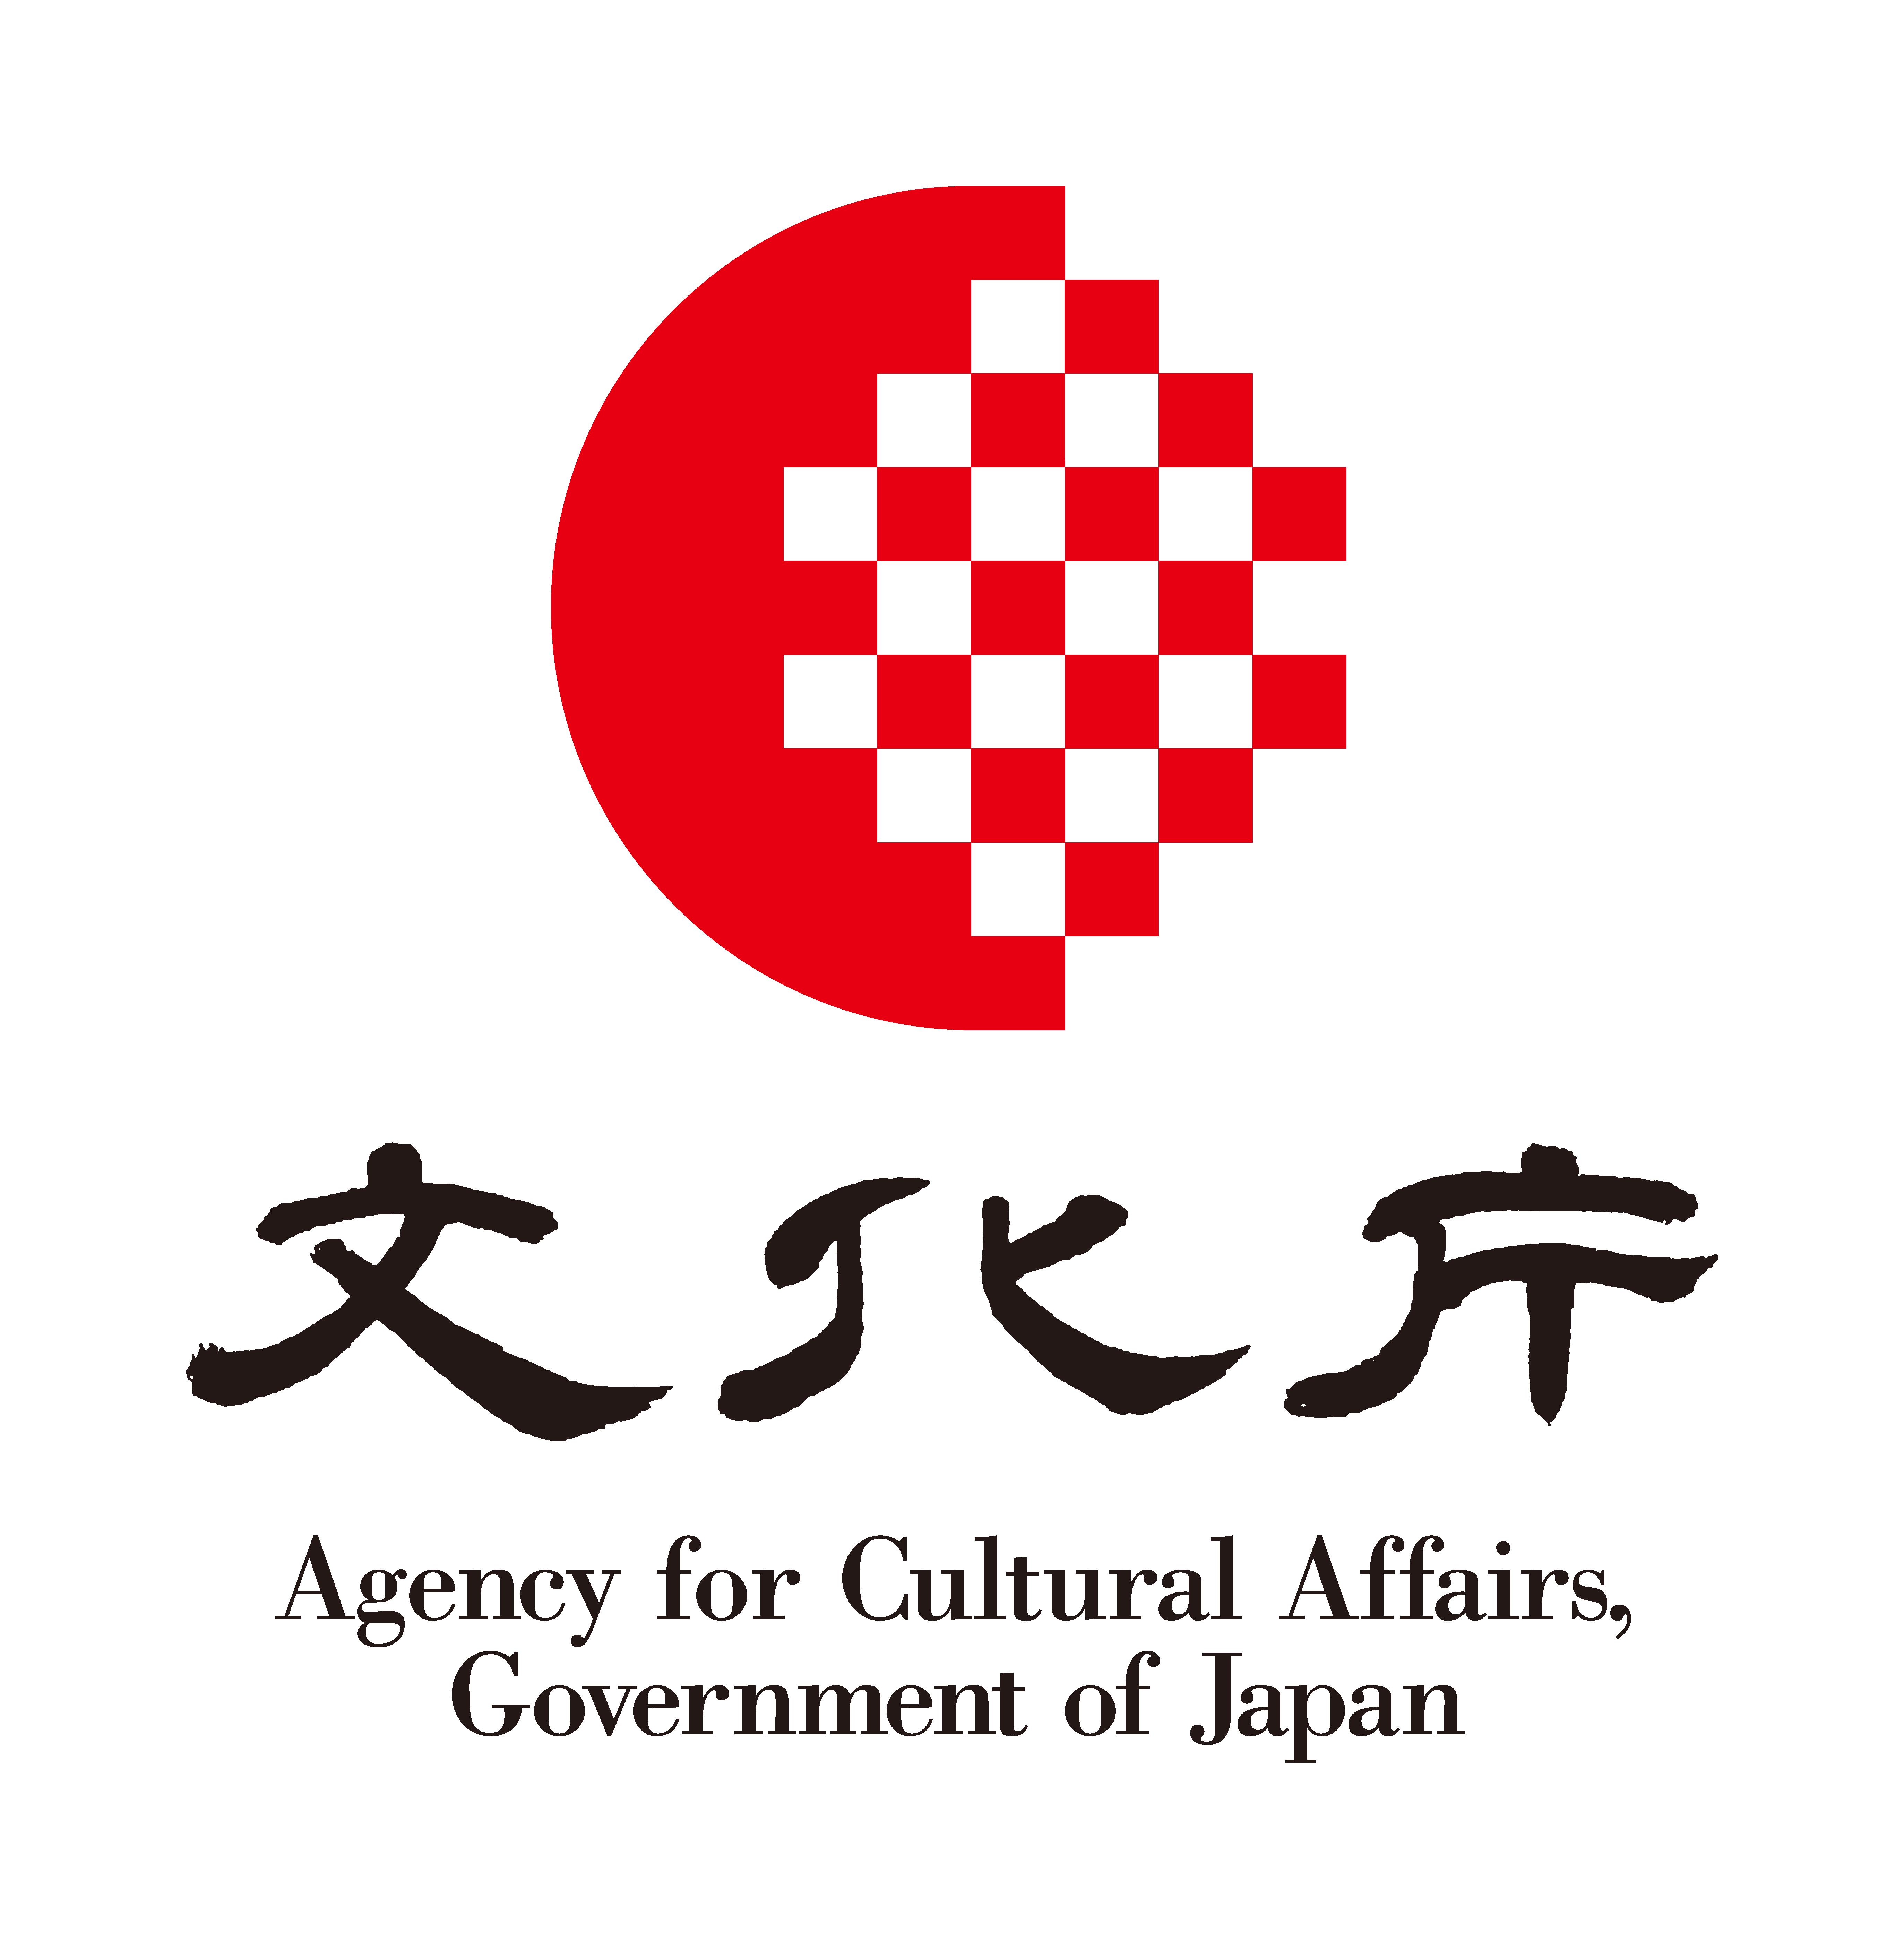 文化庁へのリンク